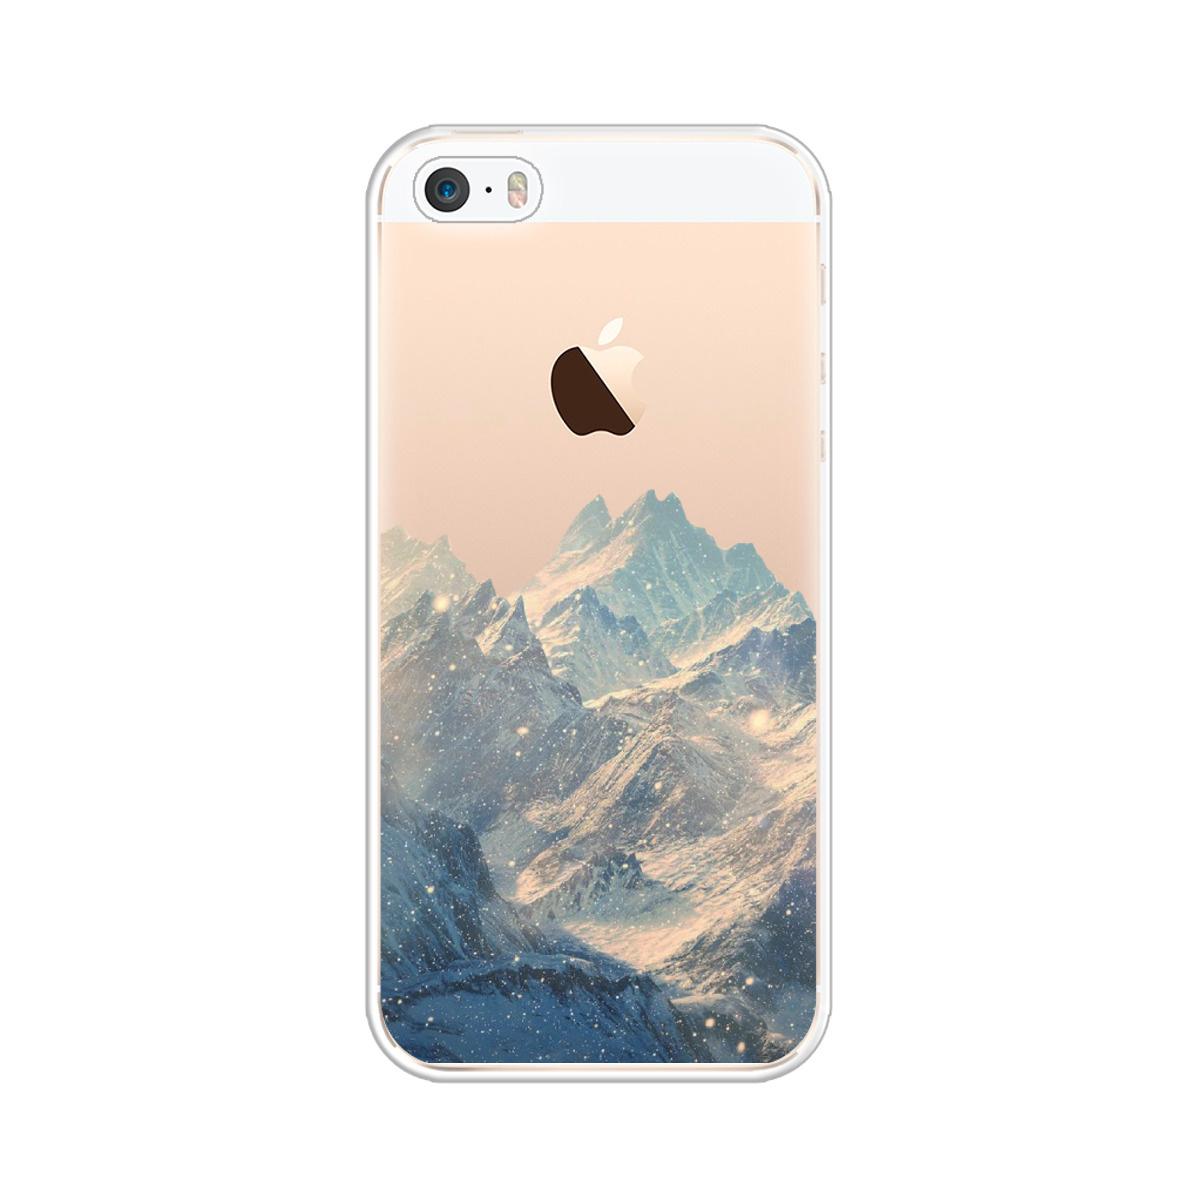 Силиконовый чехол Горы арт 2 на Apple iPhone 5/5S/SE / Айфон 5/5S/SE #1